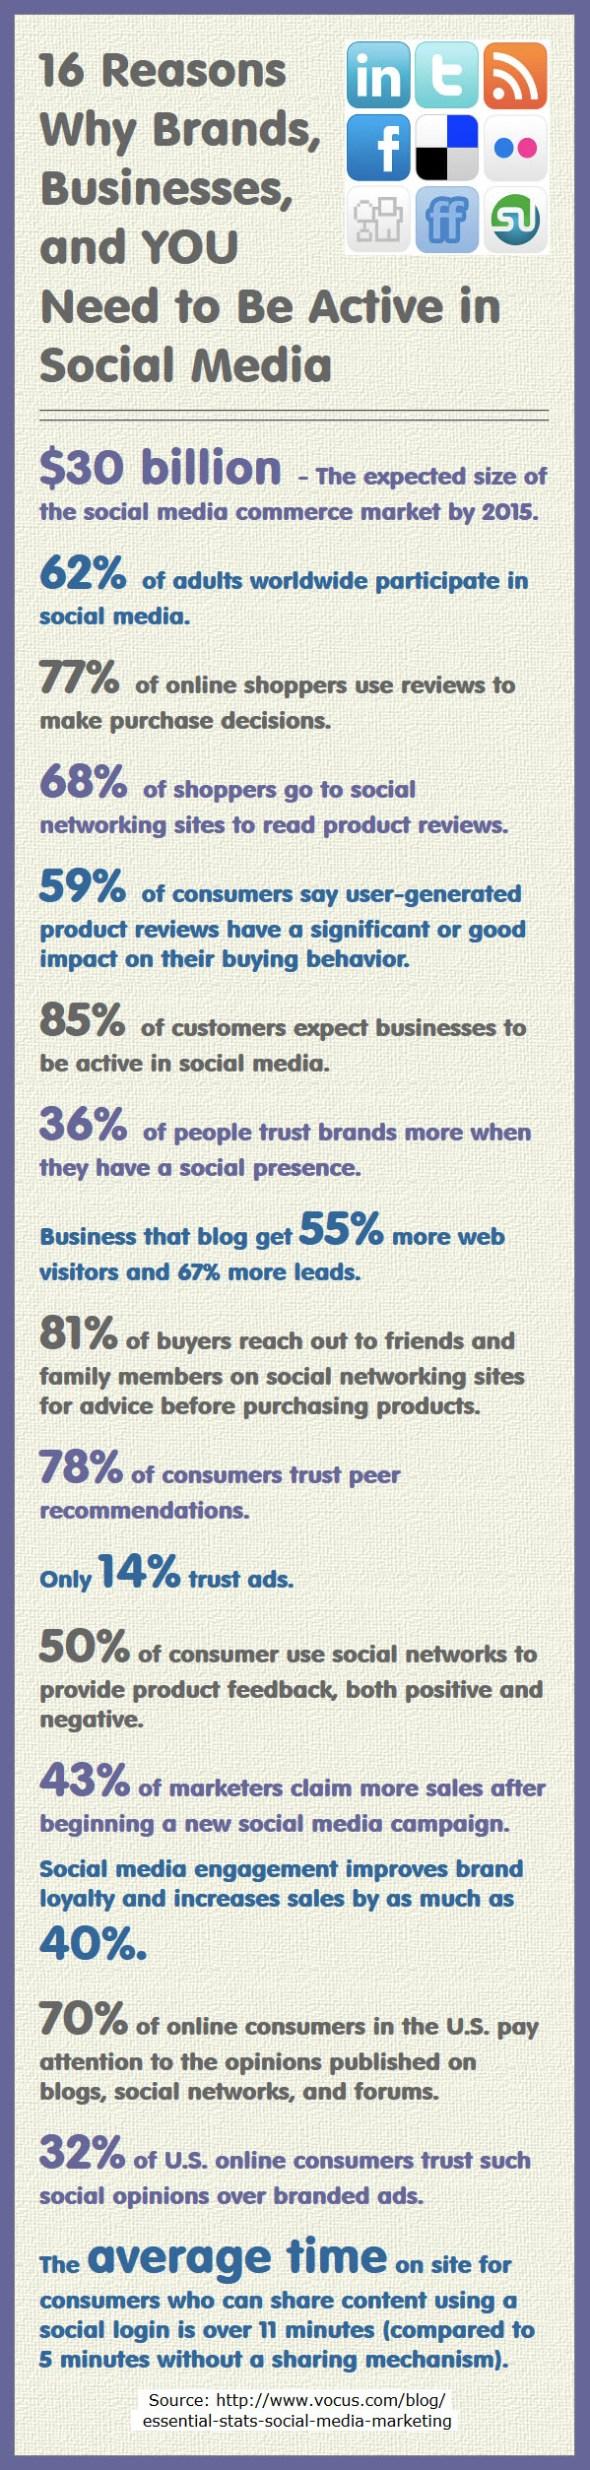 Social Media Reasons